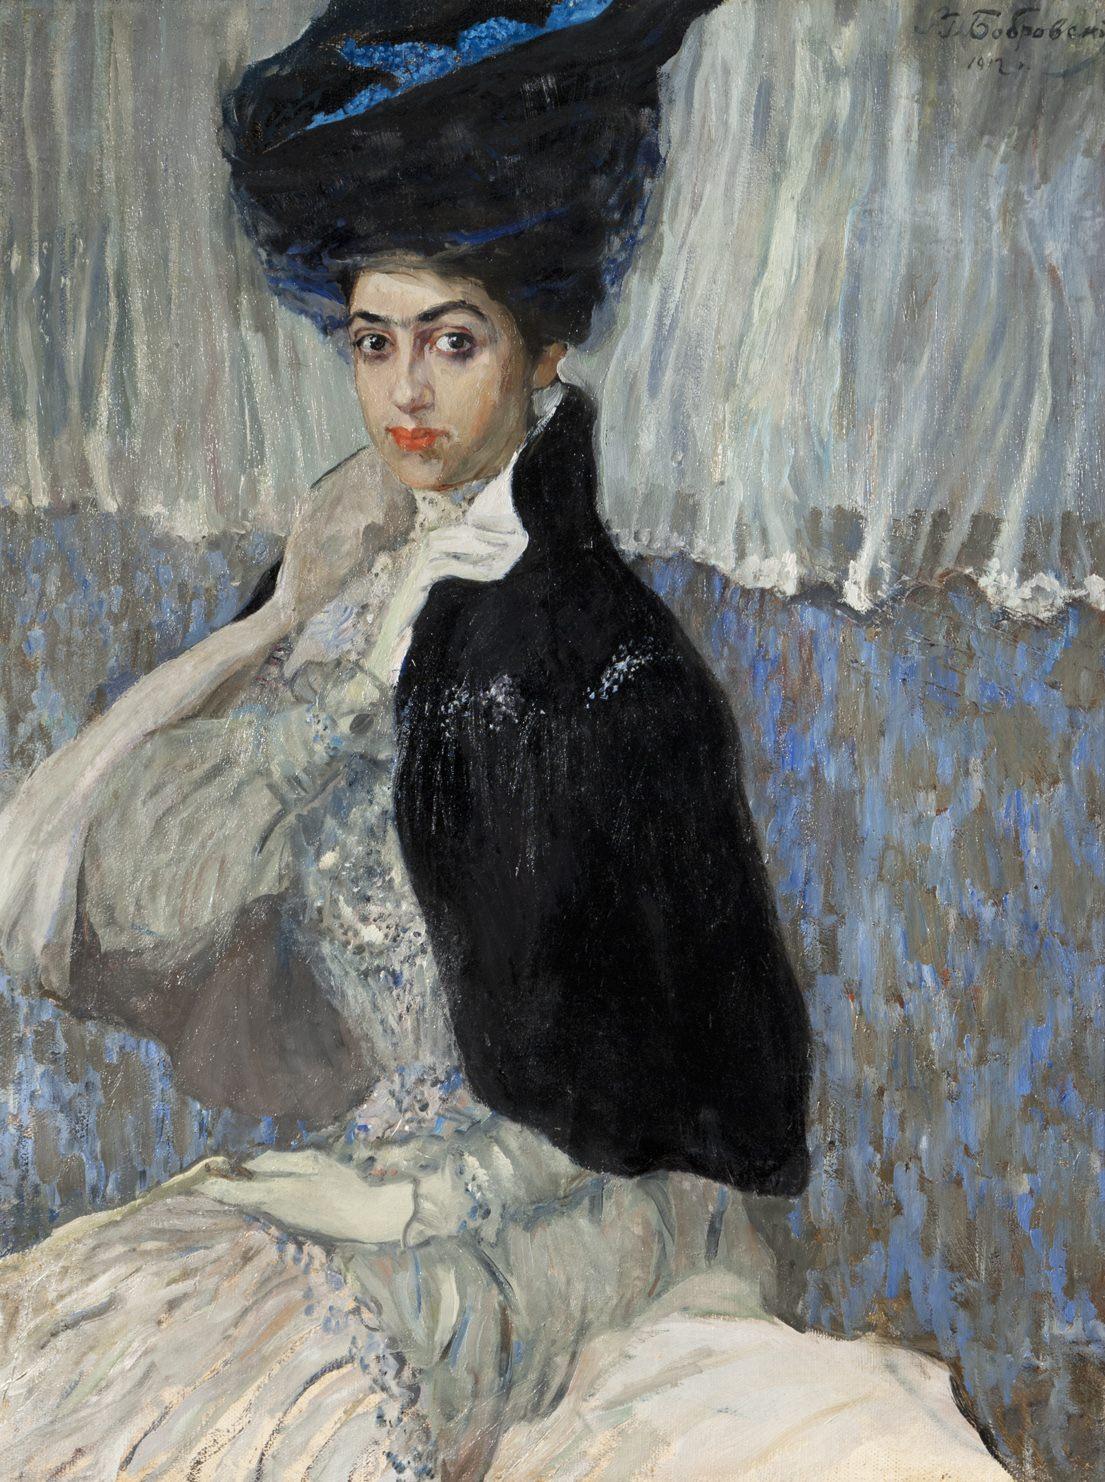 Бобровский Г.М. Портрет Самойловой. 1912